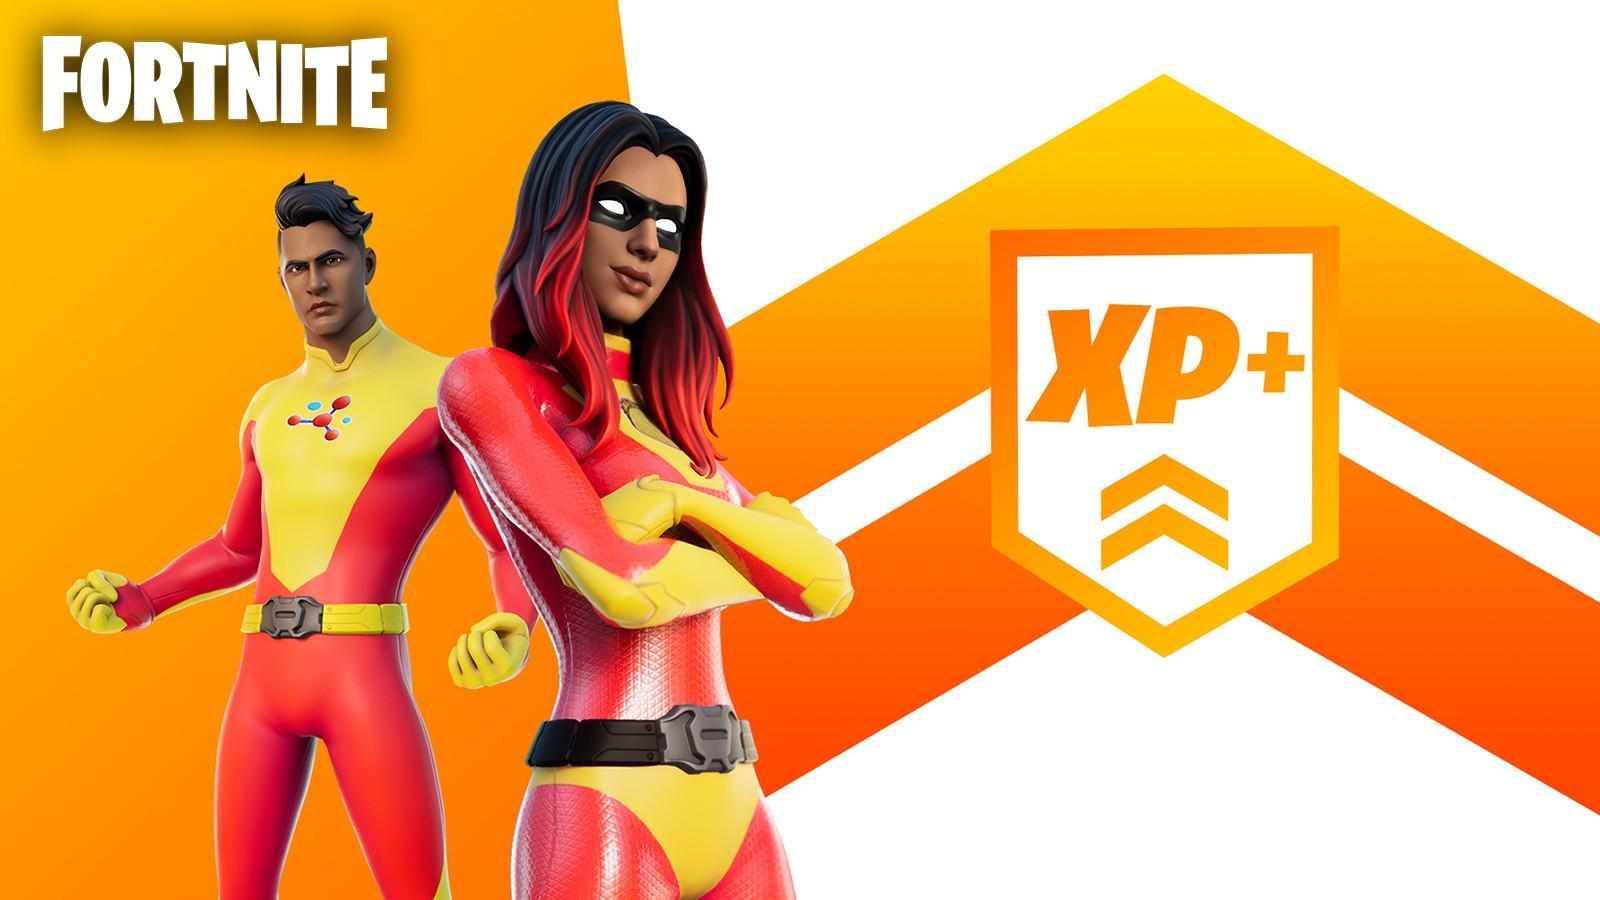 Défis Fortnite EXP à Gogo semaine 12 saison 4